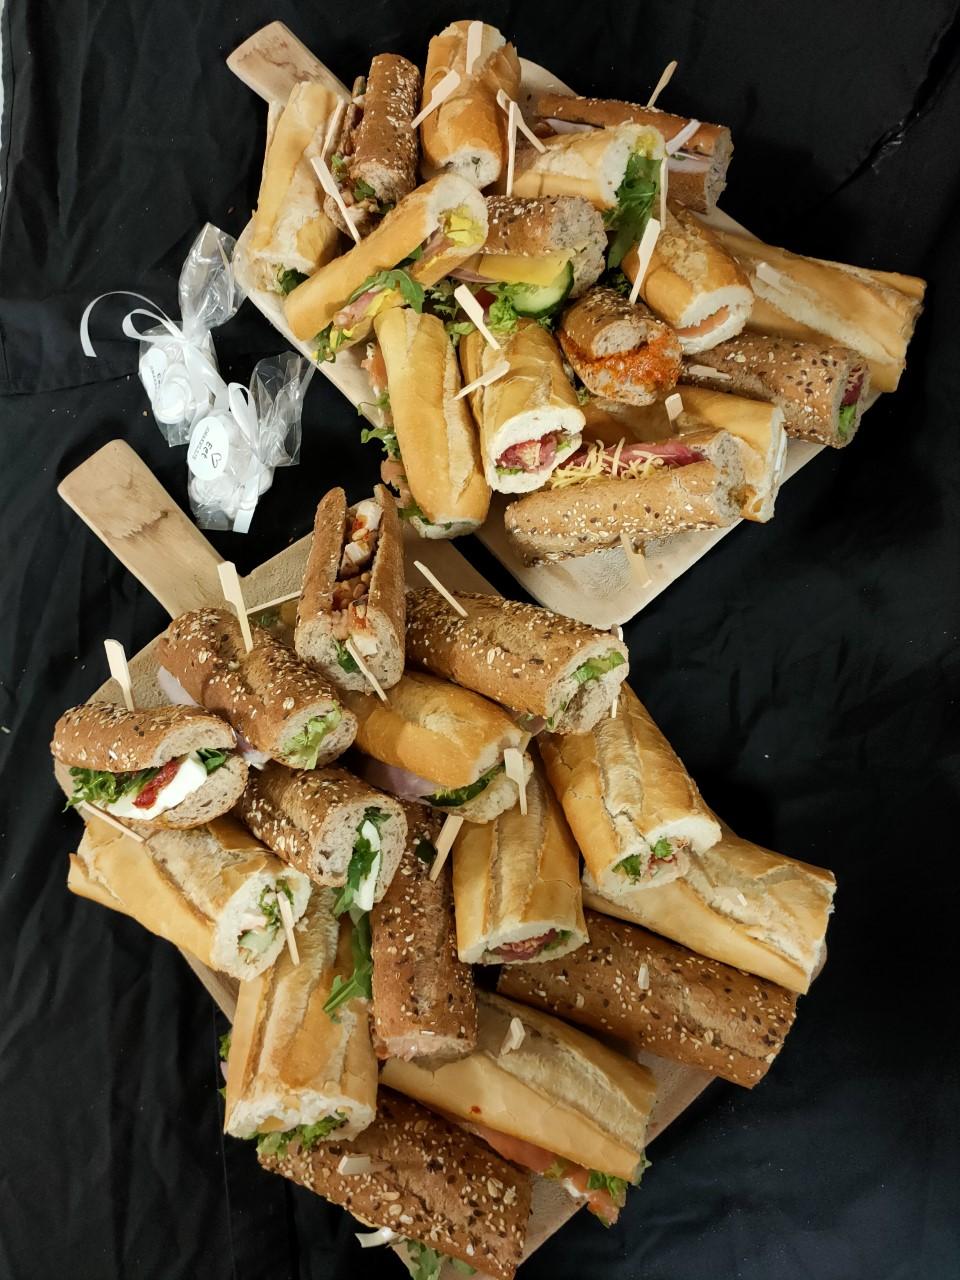 belegde broodjes.jpg